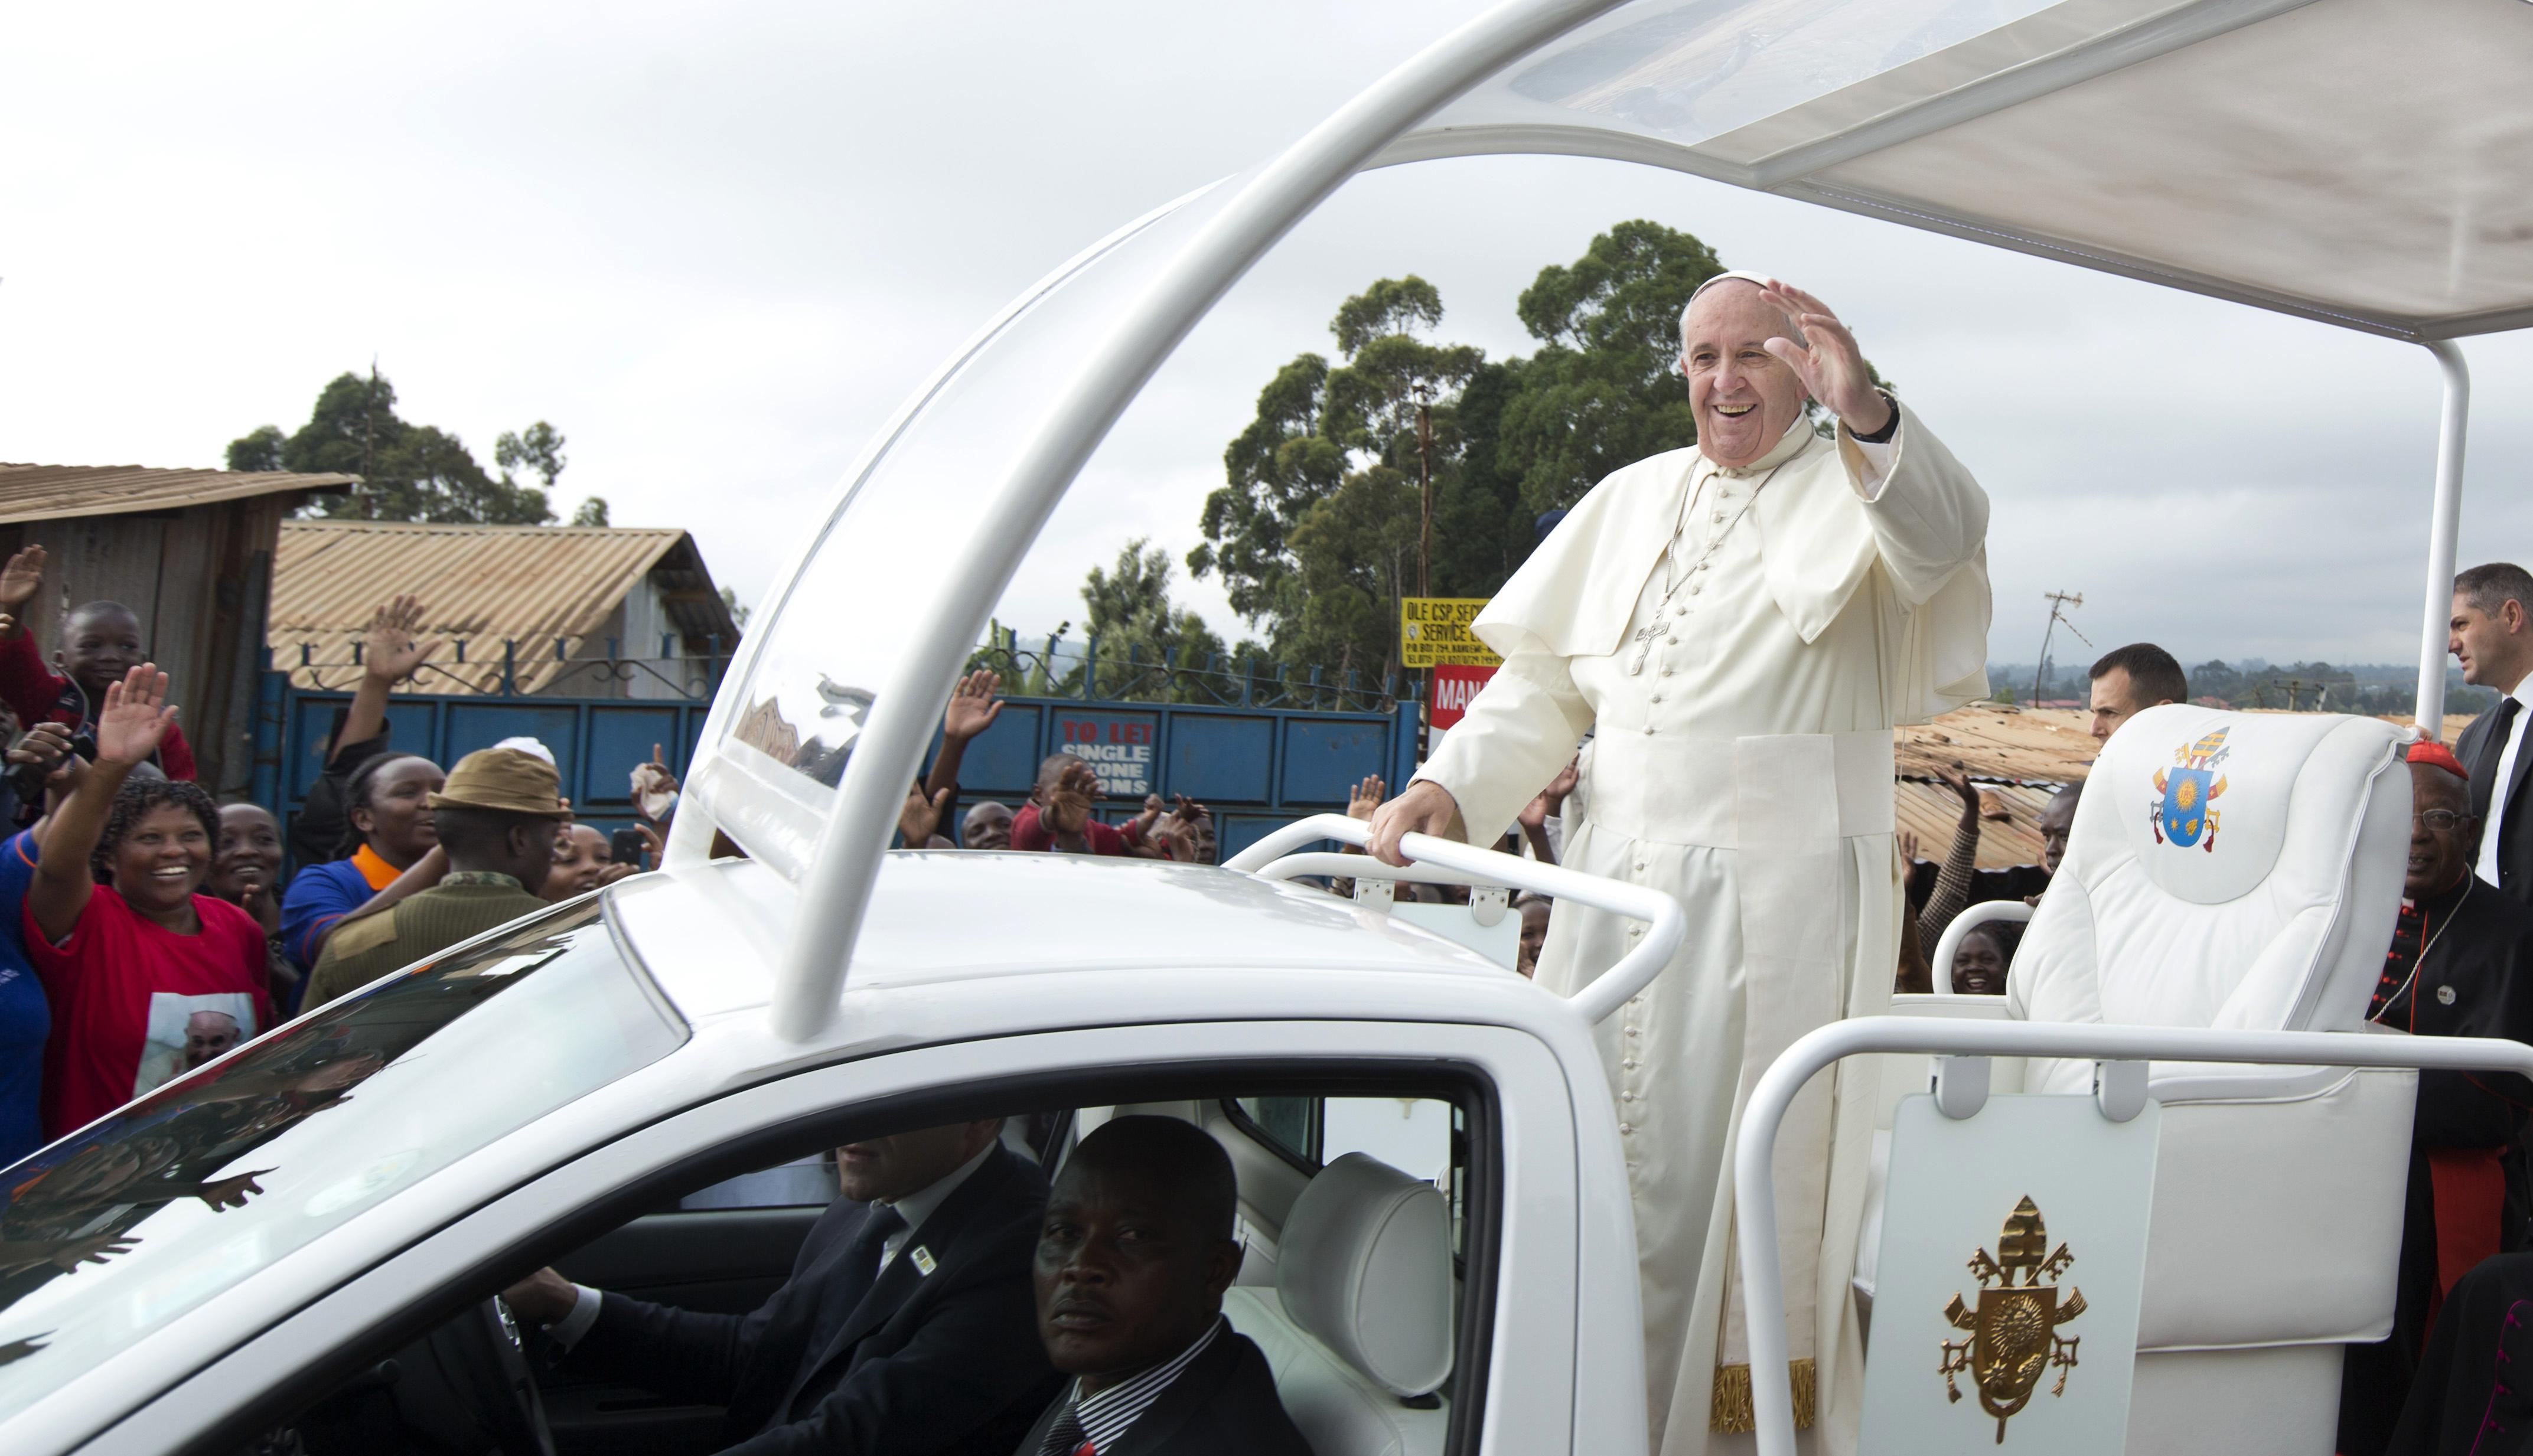 Il papa nelle baraccopoli poveri emarginati da pochi - Le finestre sul vaticano ...